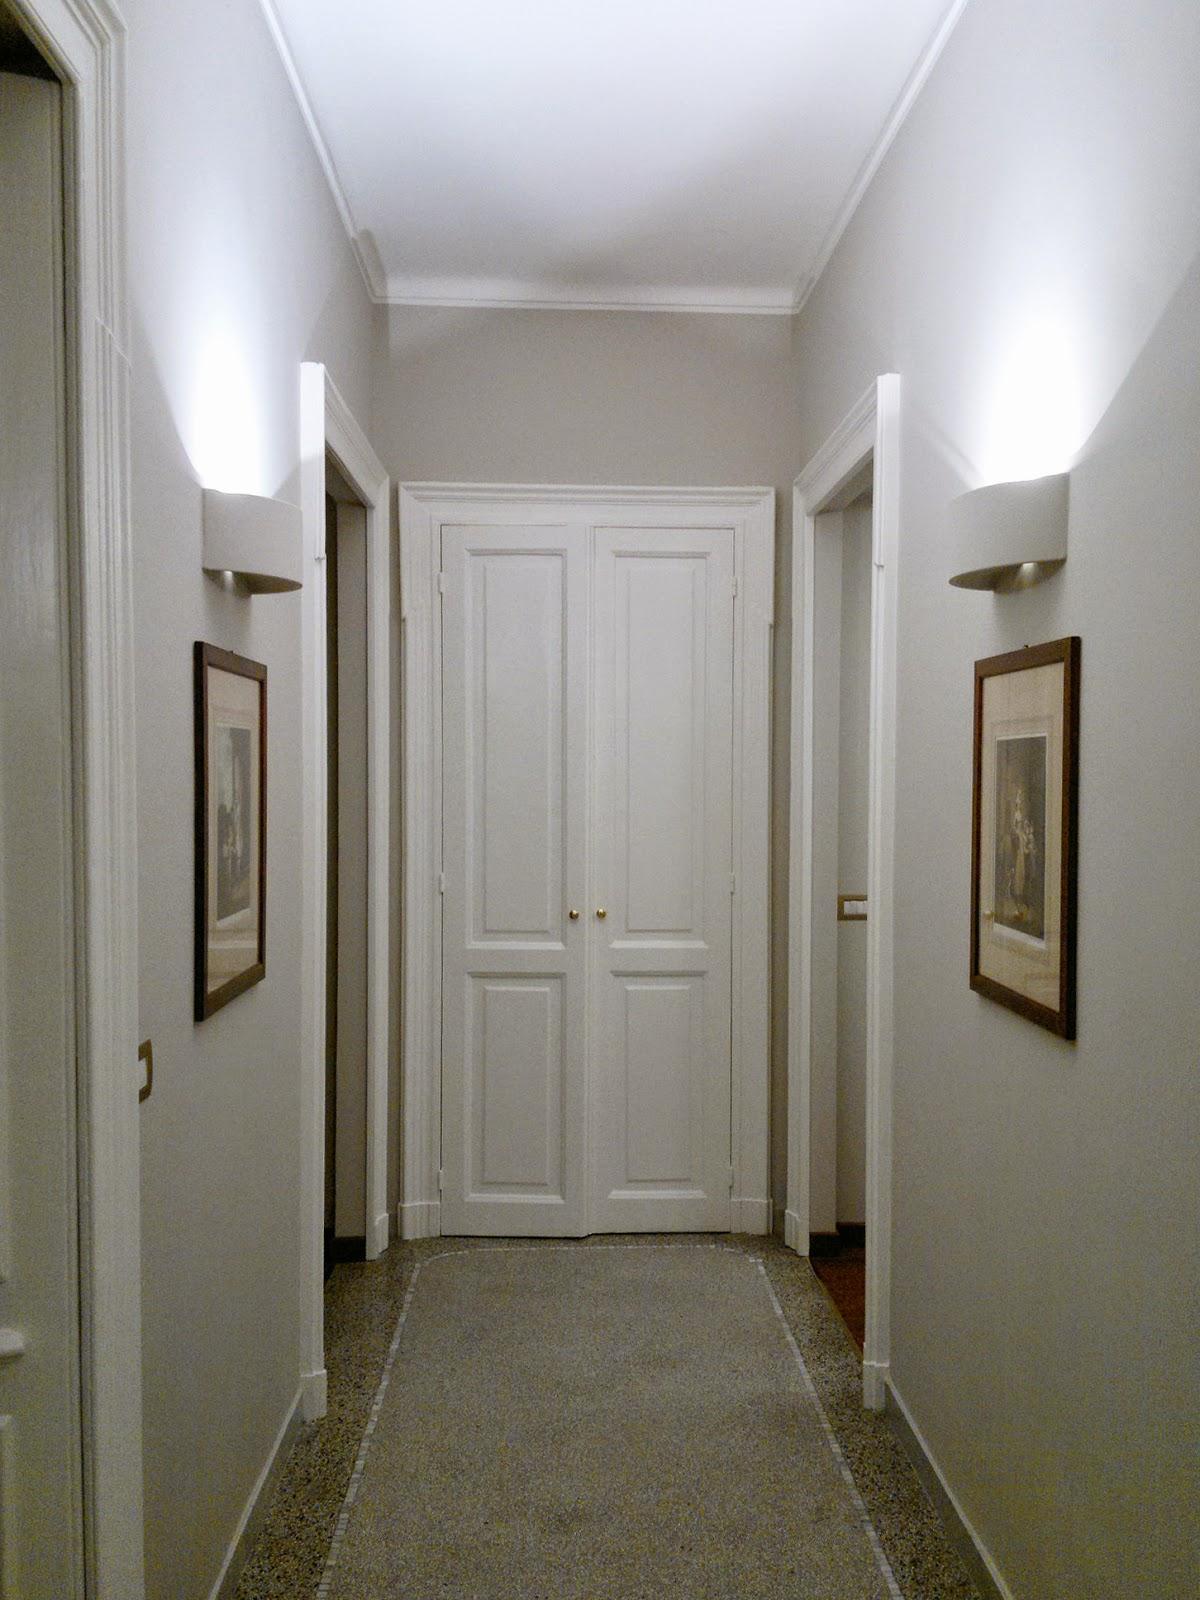 Illuminazione led casa gennaio 2015 for Luci led per casa